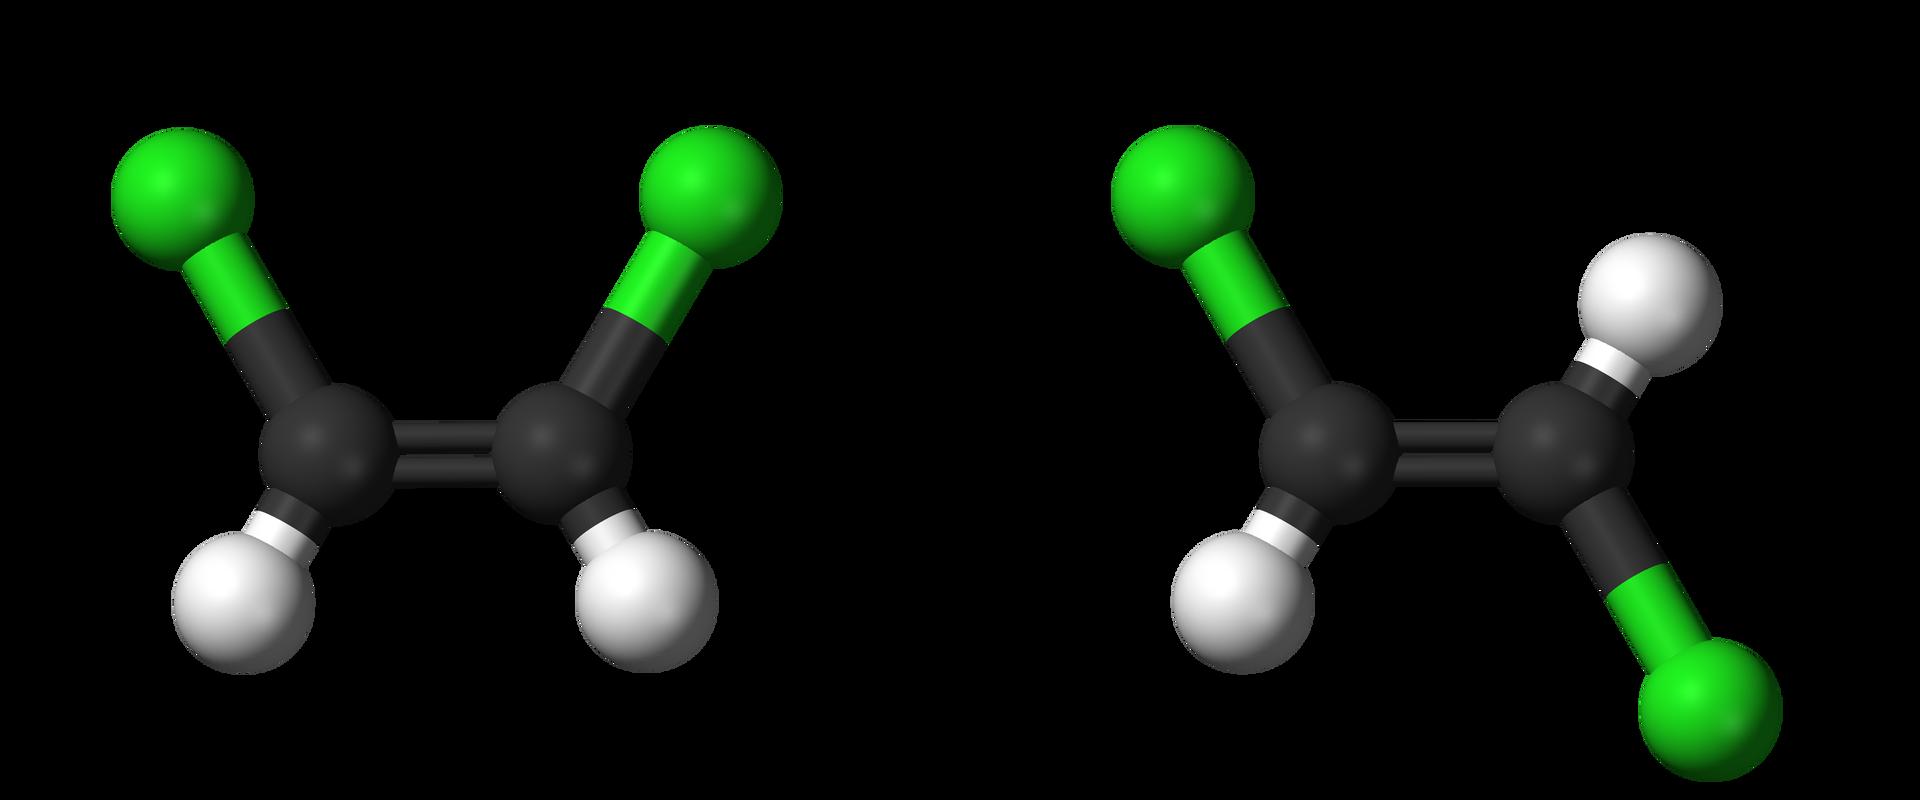 Na rysunku przedstawiono cis-1,2-dichloroeten, trans-1,2-dichloroeten. Cząsteczka cis-1,2-dichloroetenu składa się zdwóch atomów węgla połączonych ze sobą wiązaniem podwójnym oraz dwóch atomów chloru idwóch atomów wodoru. Atomy węgla na rysunku ułożone są poziomo. Do atomów węgla za pomocą wiązań pojedynczych przyłączone są po jednym atomie wodoru ichloru. Atomy chloru znajdują się nad atomami węgla, aatomy wodoru pod atomami węgla.Cząsteczka trans-1,2-dichloroetenu składa się zdwóch atomów węgla połączonych ze sobą wiązaniem podwójnym oraz dwóch atomów chloru idwóch atomów wodoru. Atomy węgla na rysunku ułożone są poziomo. Do atomów węgla za pomocą wiązań pojedynczych przyłączone są po jednym atomie wodoru ichloru. Atom chloru przyłączony do lewego atomu węgla znajduje się nad atomem węgla, aatom chloru przyłączony do prawego atomu węgla znajduje się pod atomem węgla.